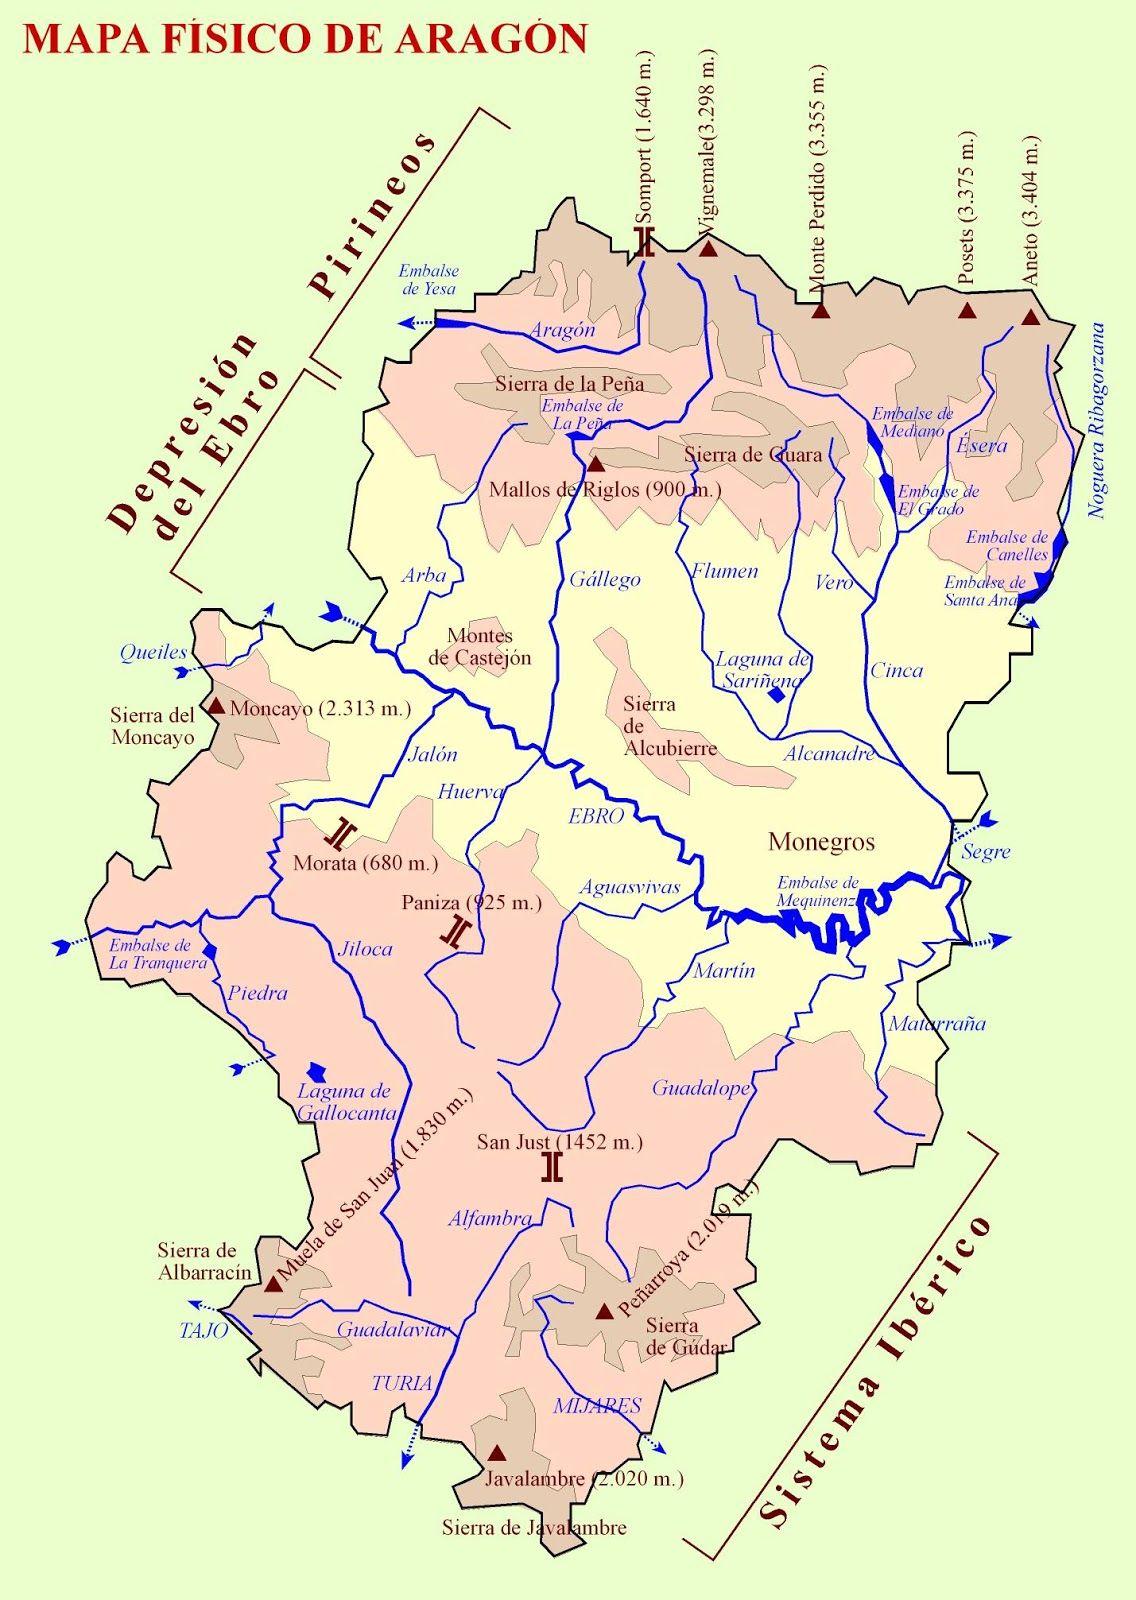 Mapa Fisico Aragon Con Imagenes Mapa Fisico Mapas Aragon